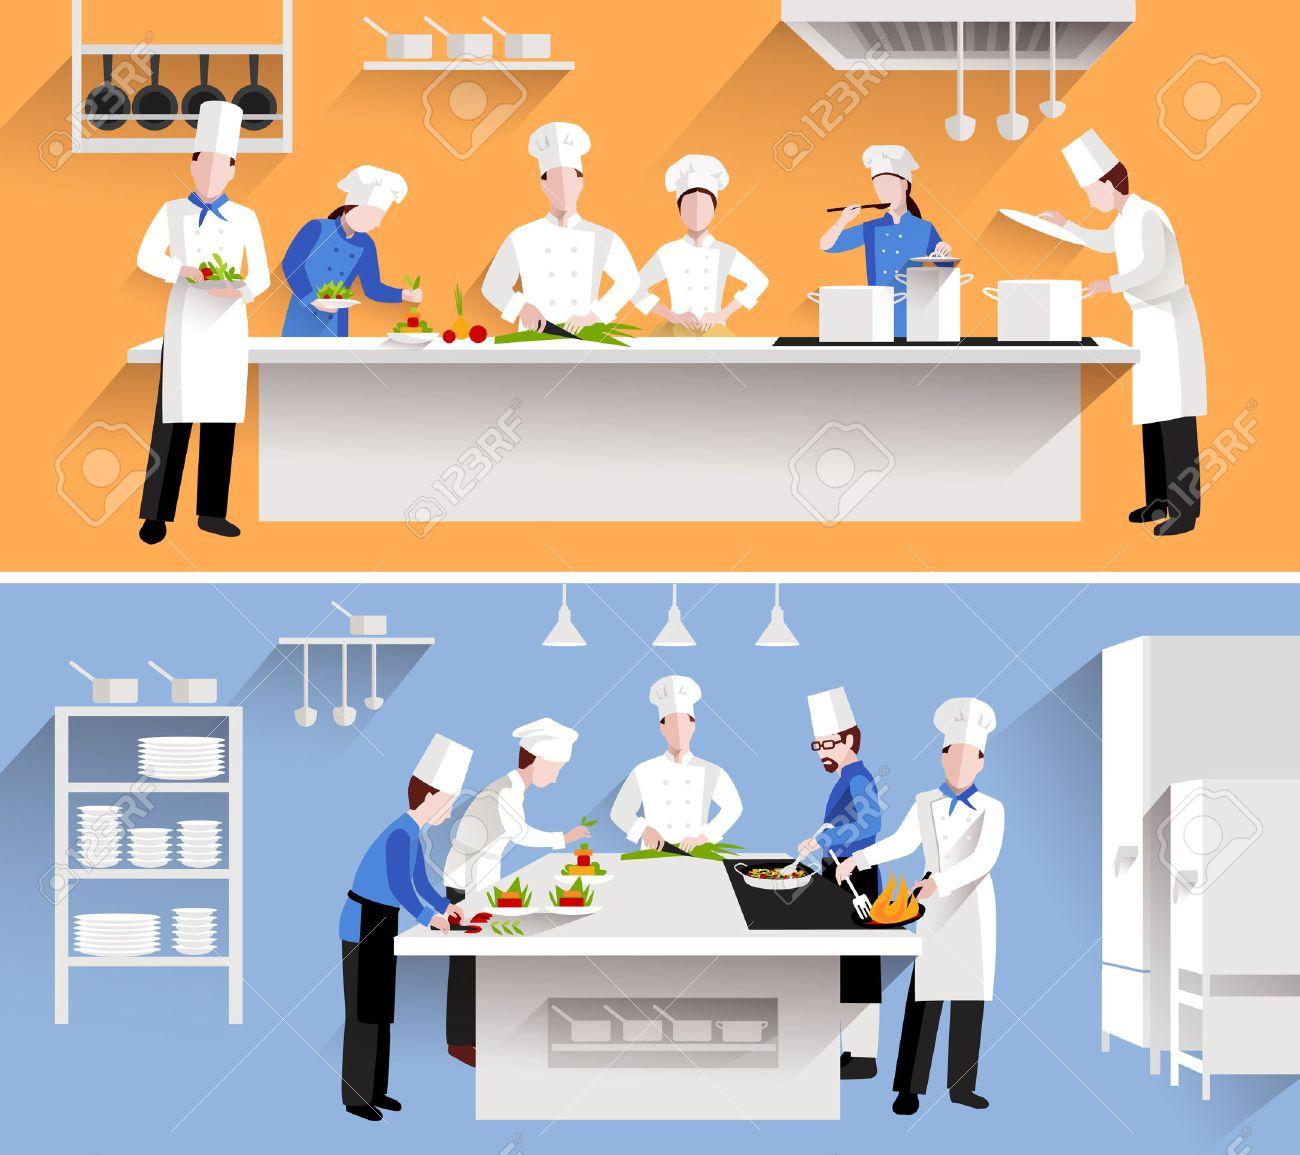 Aan De Tafel.Koken Proces Met Chef Kok Cijfers Aan De Tafel In Het Restaurant